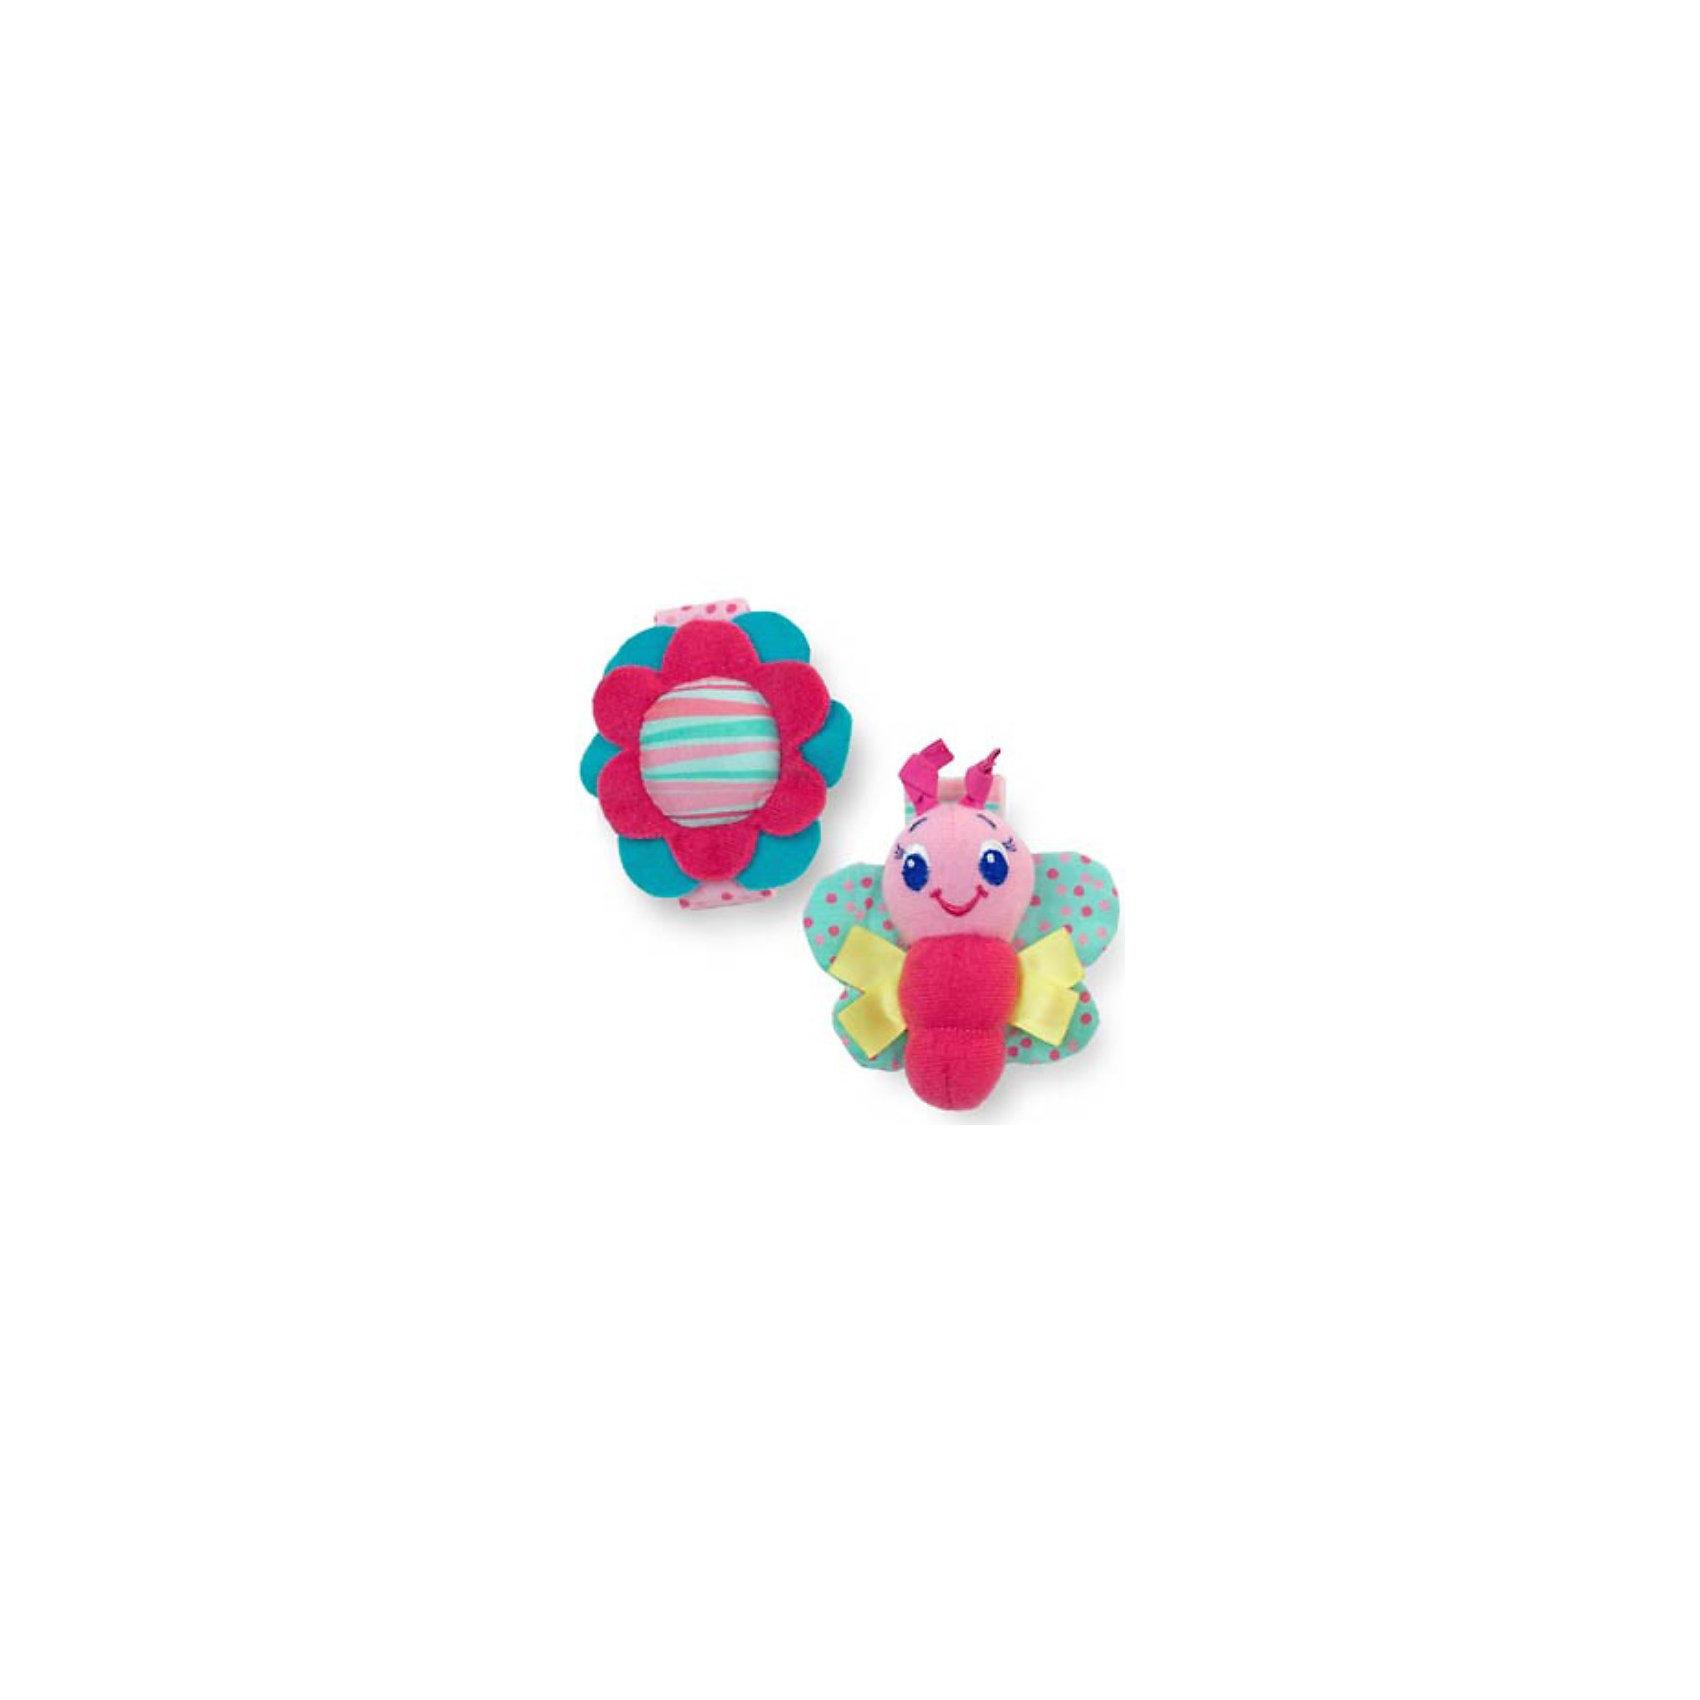 Игрушки-погремушки на ручку Стильная пара браслетиков, розовые Bright StartsПогремушки<br>Даже самая маленькая девочка не отстанет от моды с этими милыми браслетиками!<br><br>ОСОБЕННОСТИ<br>Хрустящие элементы<br>Погремушки в виде браслетиков<br>Надежно крепятся к детской ручке, не причиняя неудобства<br>Используются материалы разной текстуры<br><br>РАЗМЕРЫ<br>  2 вида браслетиков (продаются комплектом)<br>  размеры товара: 6,25 * 1,25 * 16,9 см<br>  размеры коробки: 14,1 * 1,25 * 19,1 см<br><br><br>Игрушки-погремушки на ручку Стильная пара браслетиков, розовые Bright Starts (Брайт Стартс) можно купить в нашем интернет-магазине.<br><br>Ширина мм: 140<br>Глубина мм: 190<br>Высота мм: 20<br>Вес г: 45<br>Возраст от месяцев: 0<br>Возраст до месяцев: 12<br>Пол: Женский<br>Возраст: Детский<br>SKU: 2225539